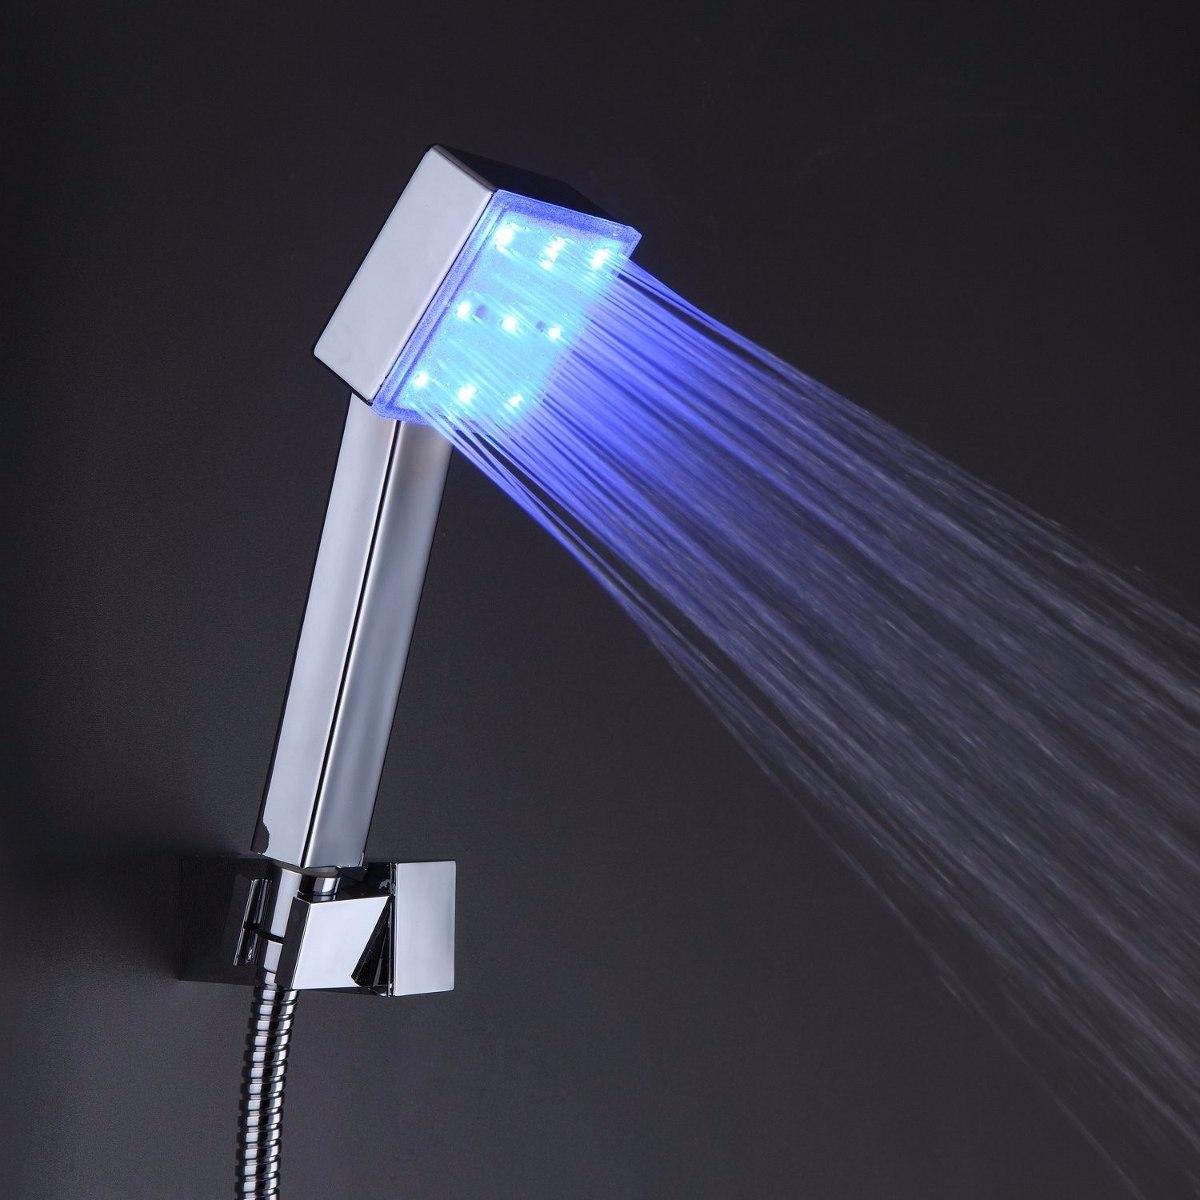 Regadera ba o lluvia led 20cm mezcladora y ducha de mano for Empaque para regadera